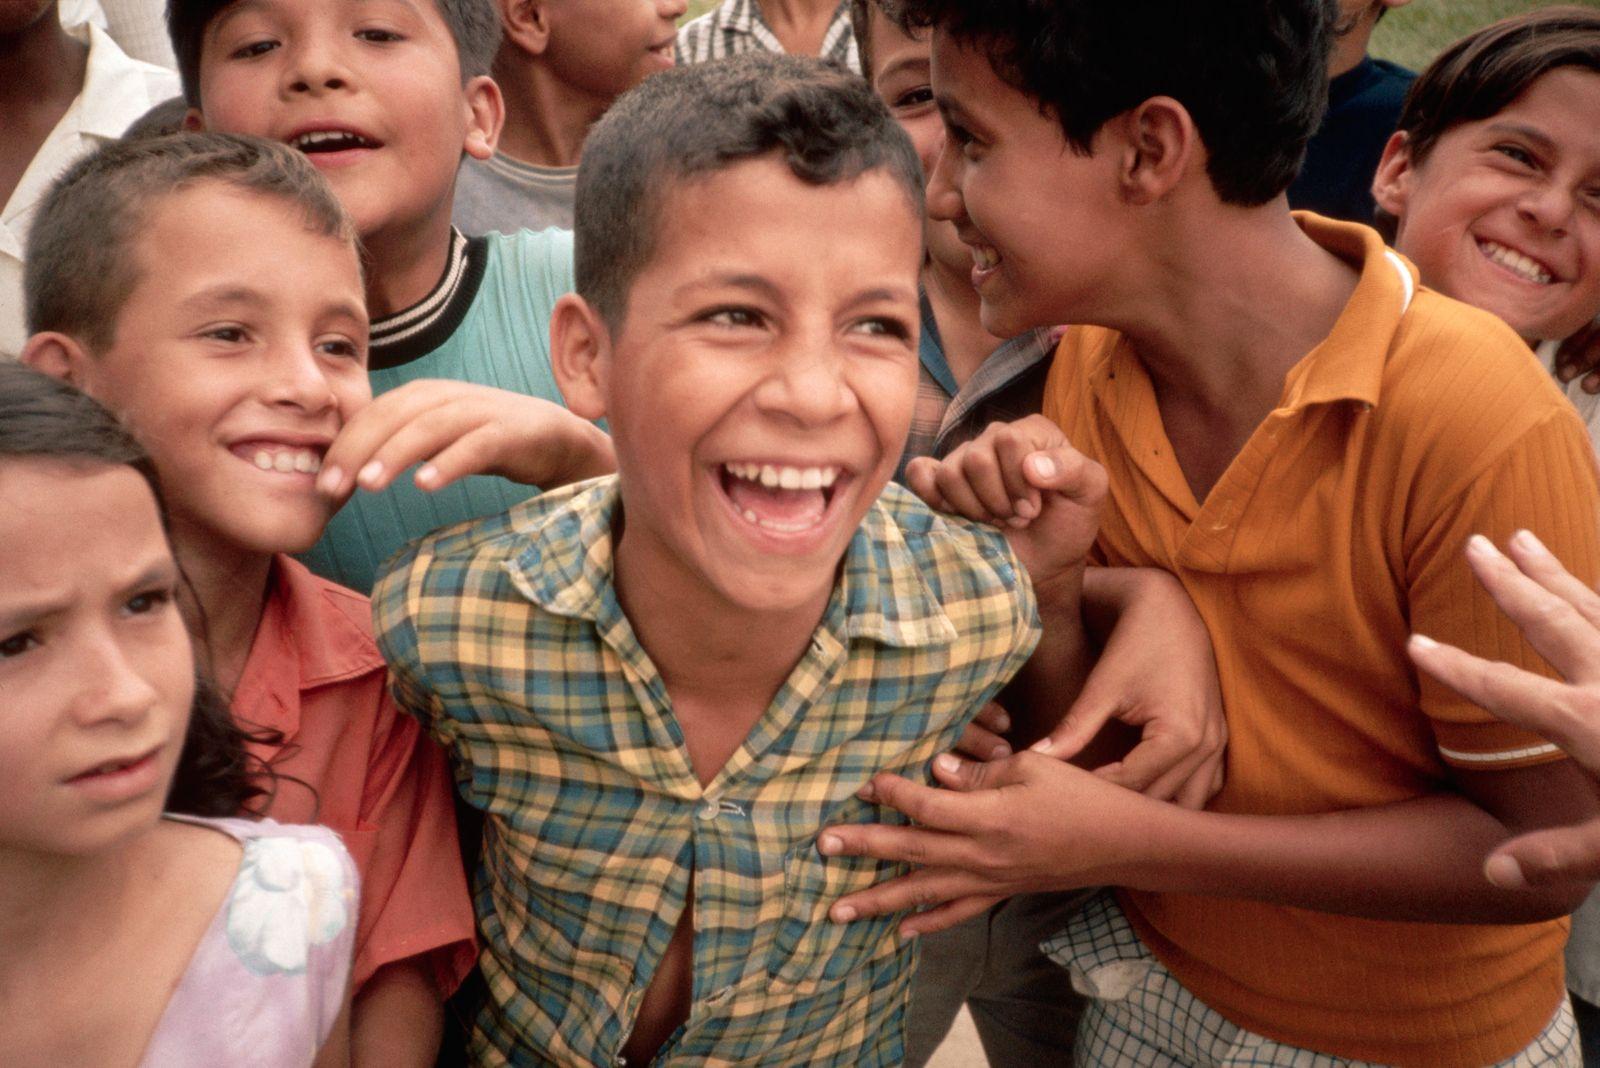 NICHT MEHR VERWENDEN! - Colombian Children Laughing